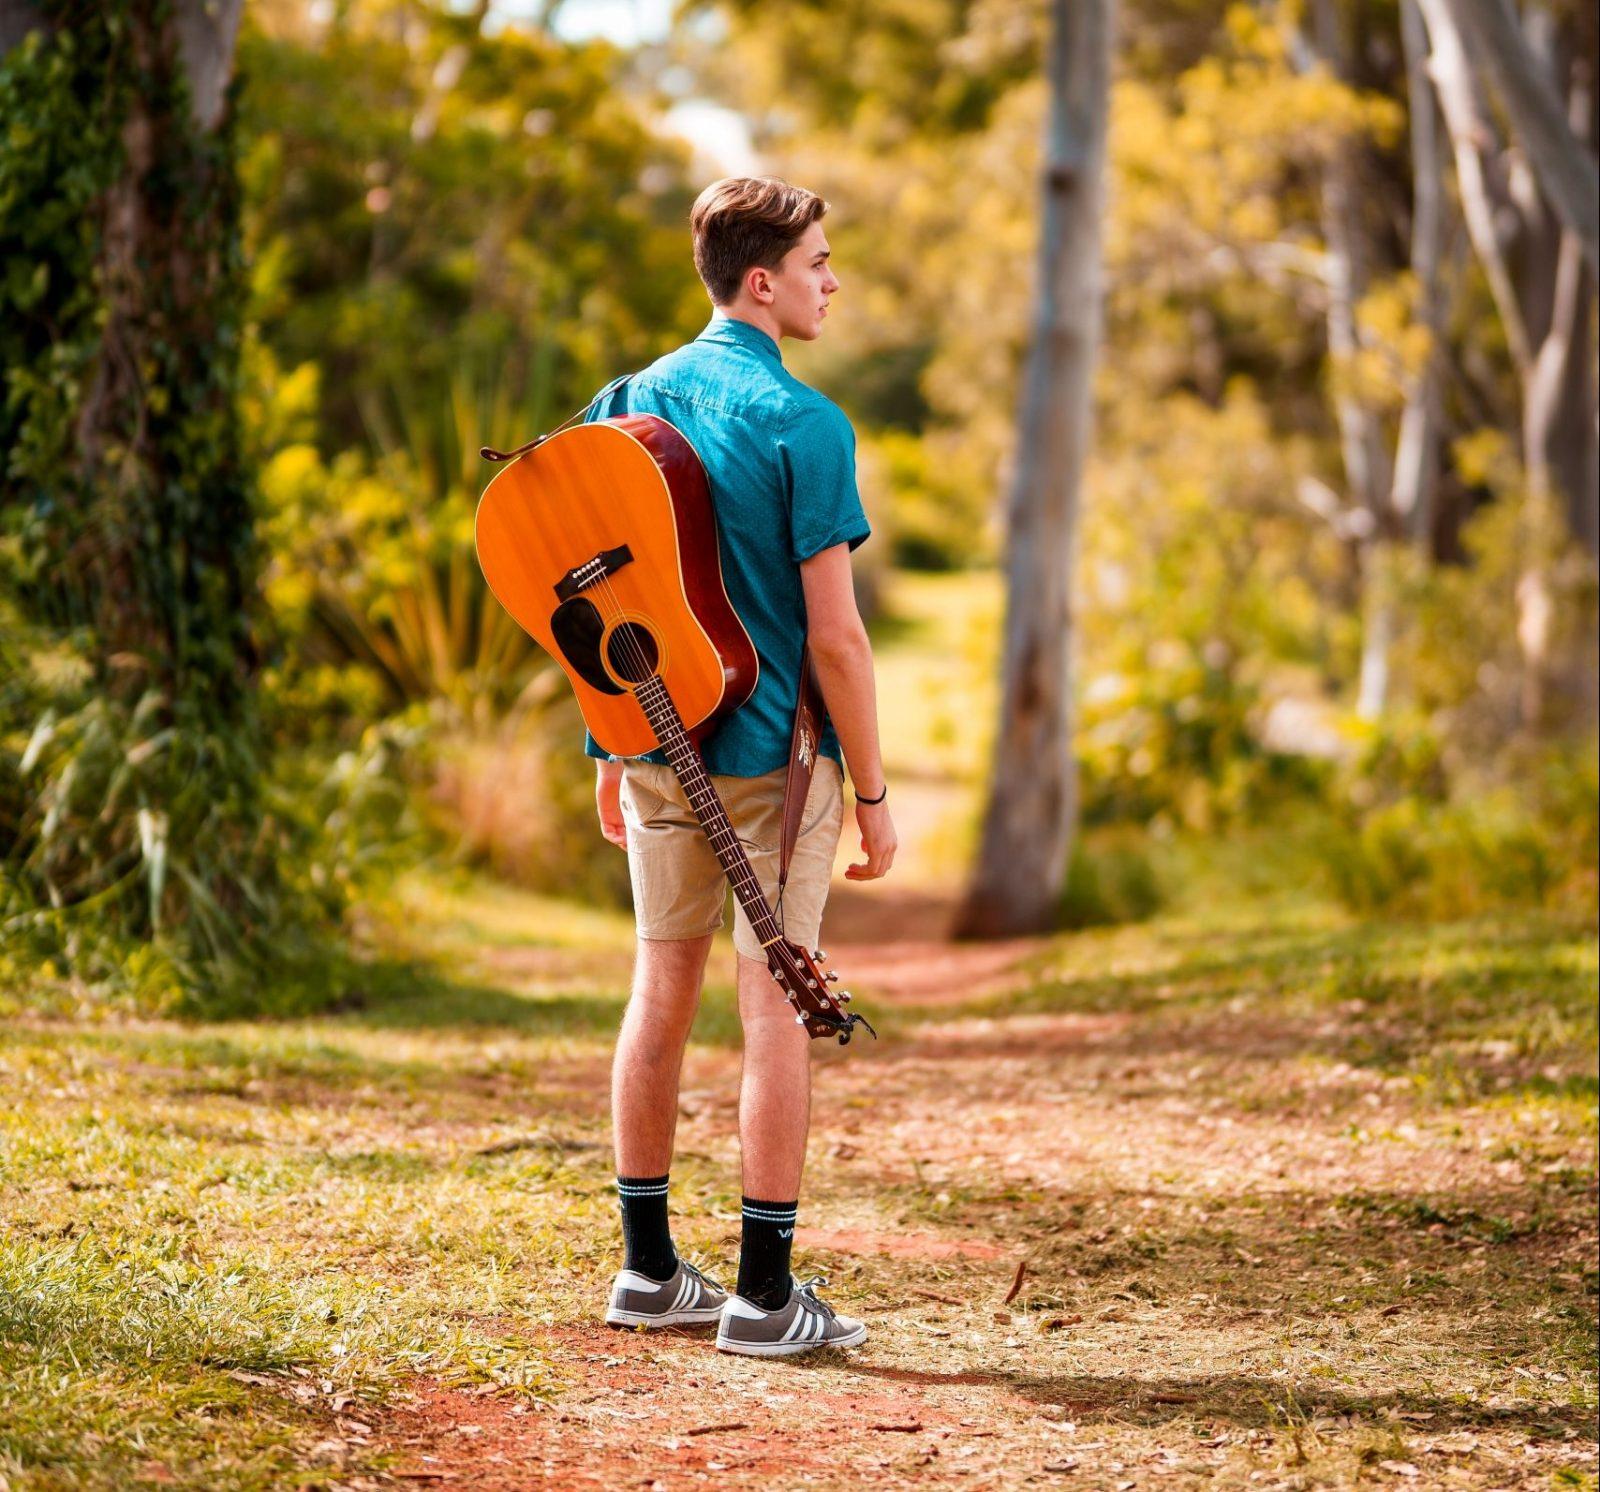 opkomen-voor-jezelf-jongen-gitaar-bos